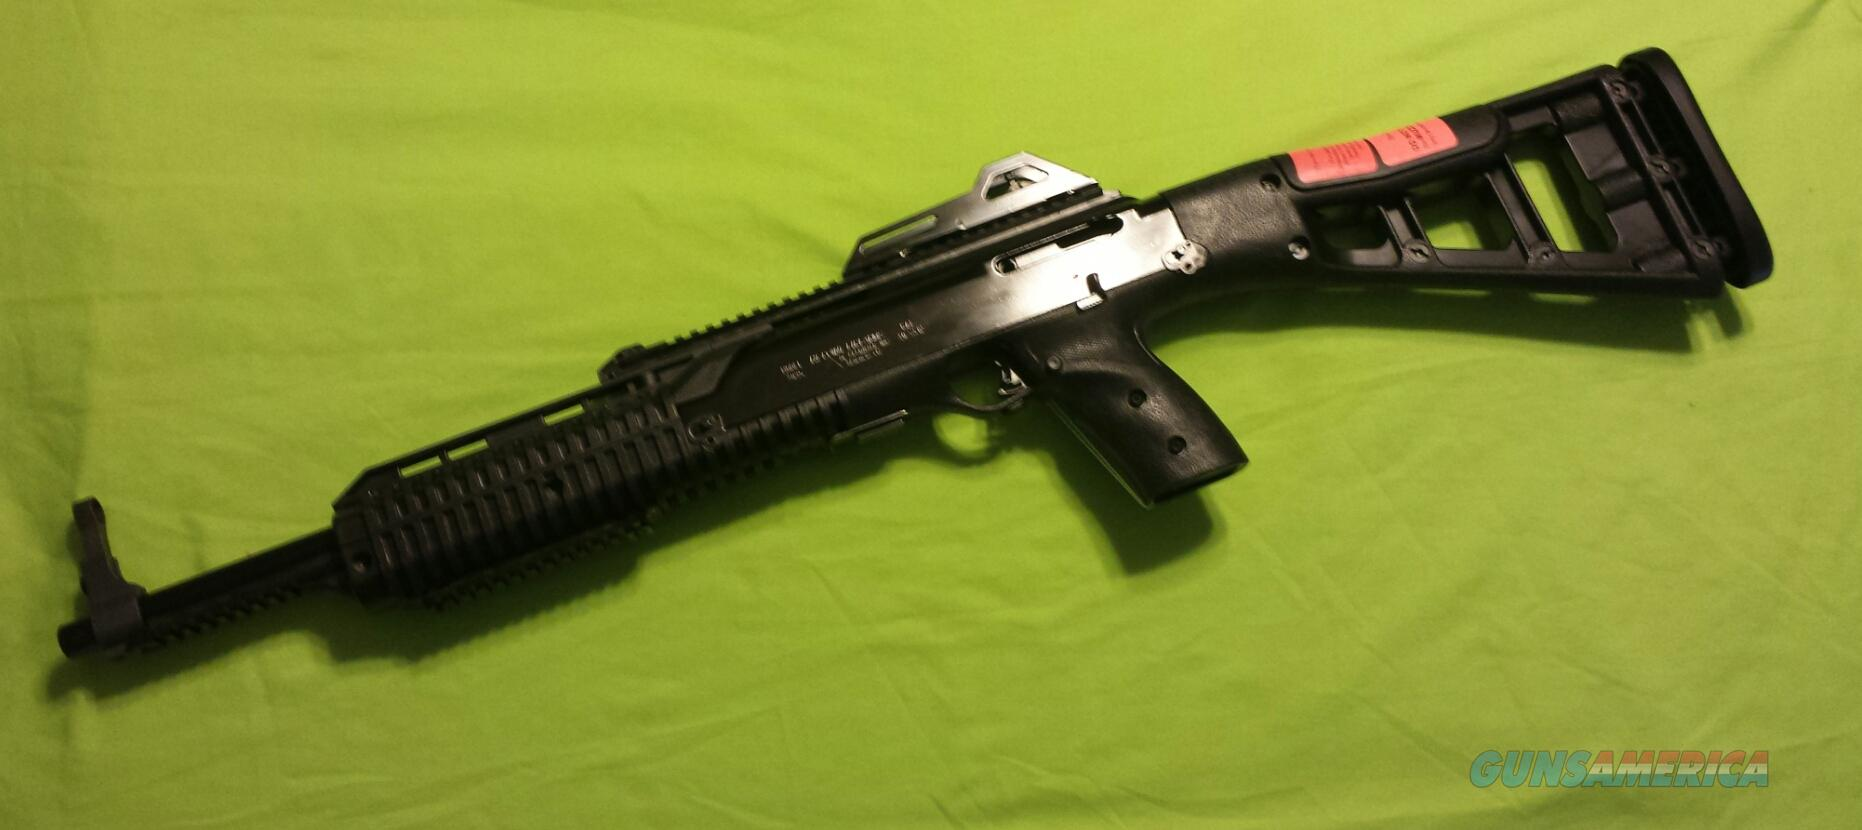 """HI POINT 4095TS / 4095 TS .40 S&W 40 16.5"""" CARBINE   Guns > Rifles > Hi Point Rifles"""